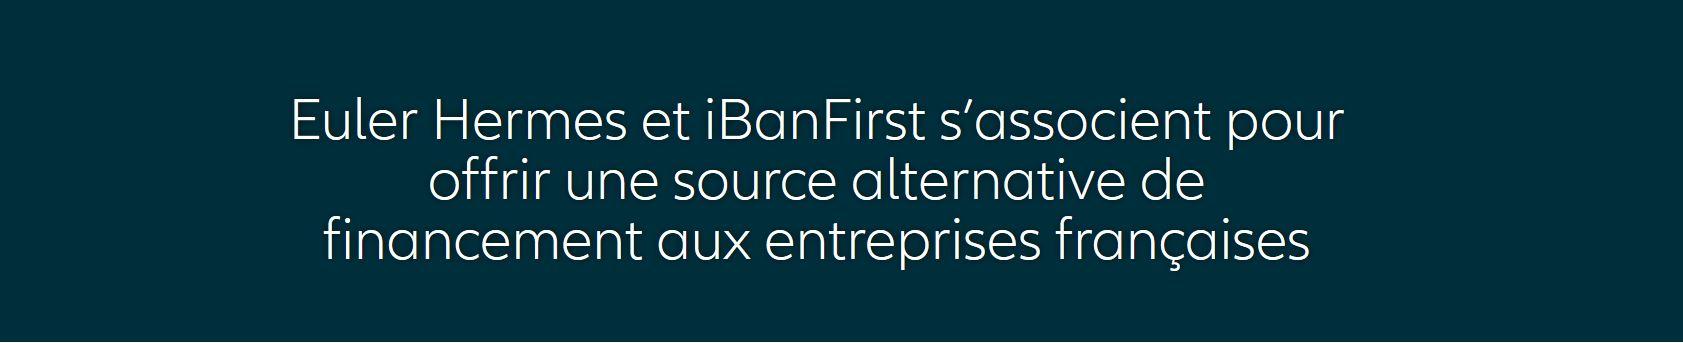 Euler Hermes et iBanFirst s'associent pour offrir une source alternative de financement aux entreprises françaises